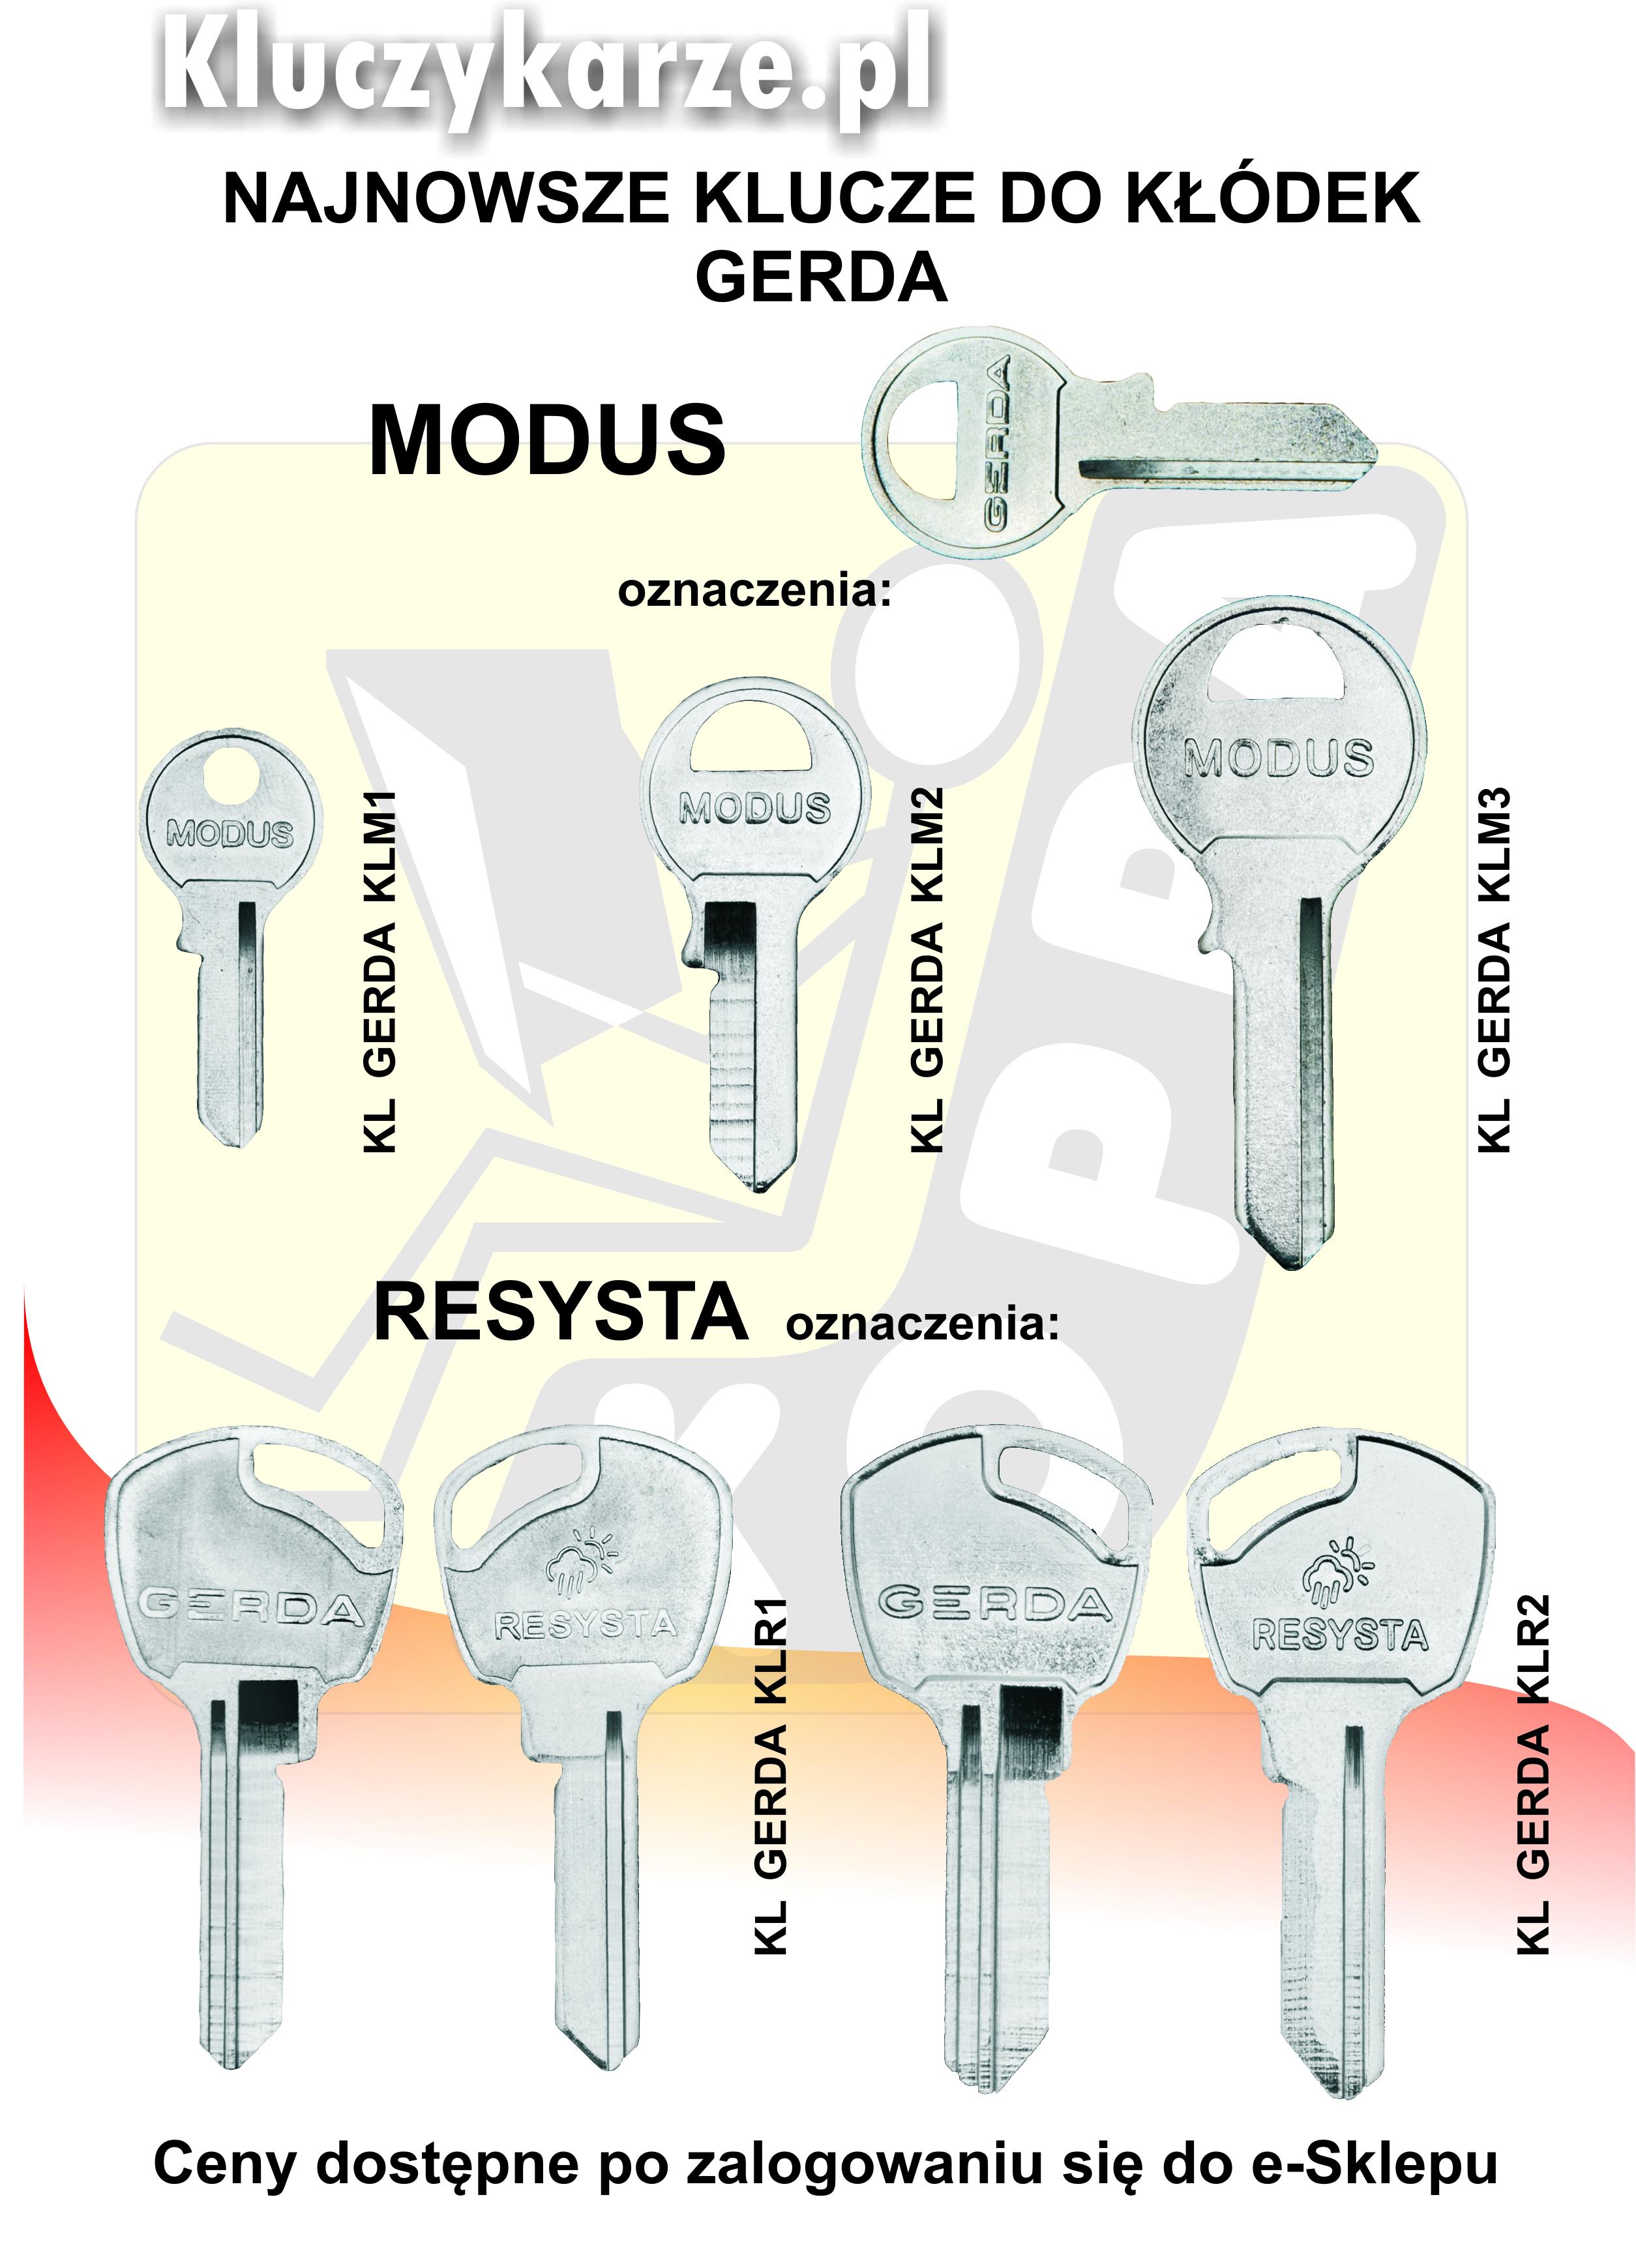 Chwalebne Hurtownia kluczy, urządzenia do dorabiania kluczy  www.kluczykarze.pl PC08